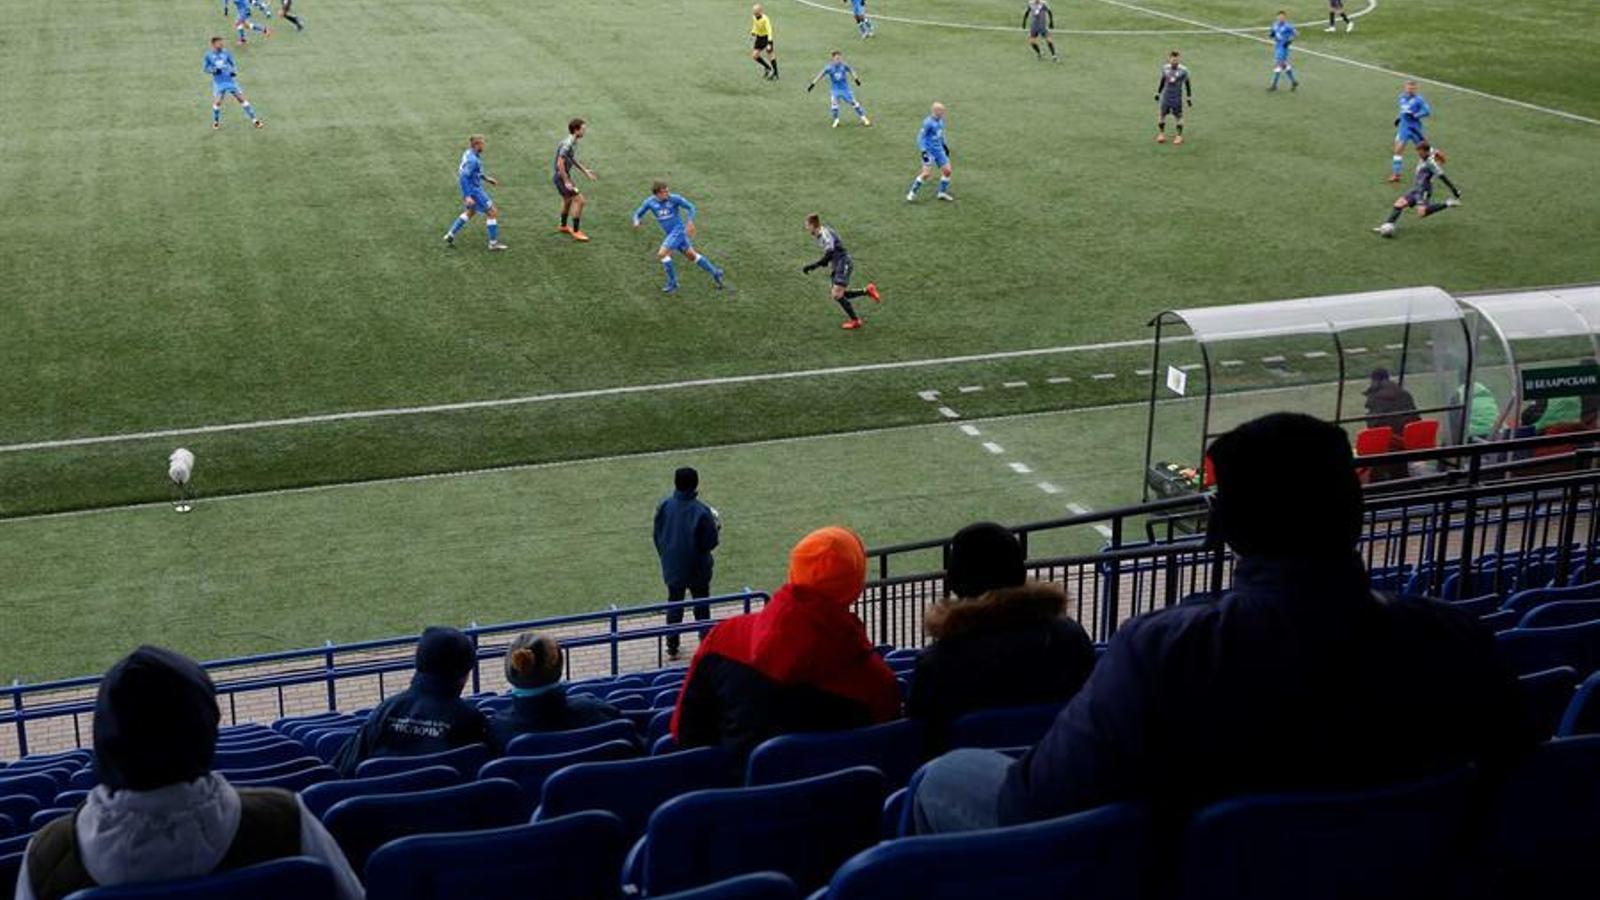 Bielorrusia, el país donde se permite el fútbol con los espectadores a pesar del coronavirus (Toni Padilla)